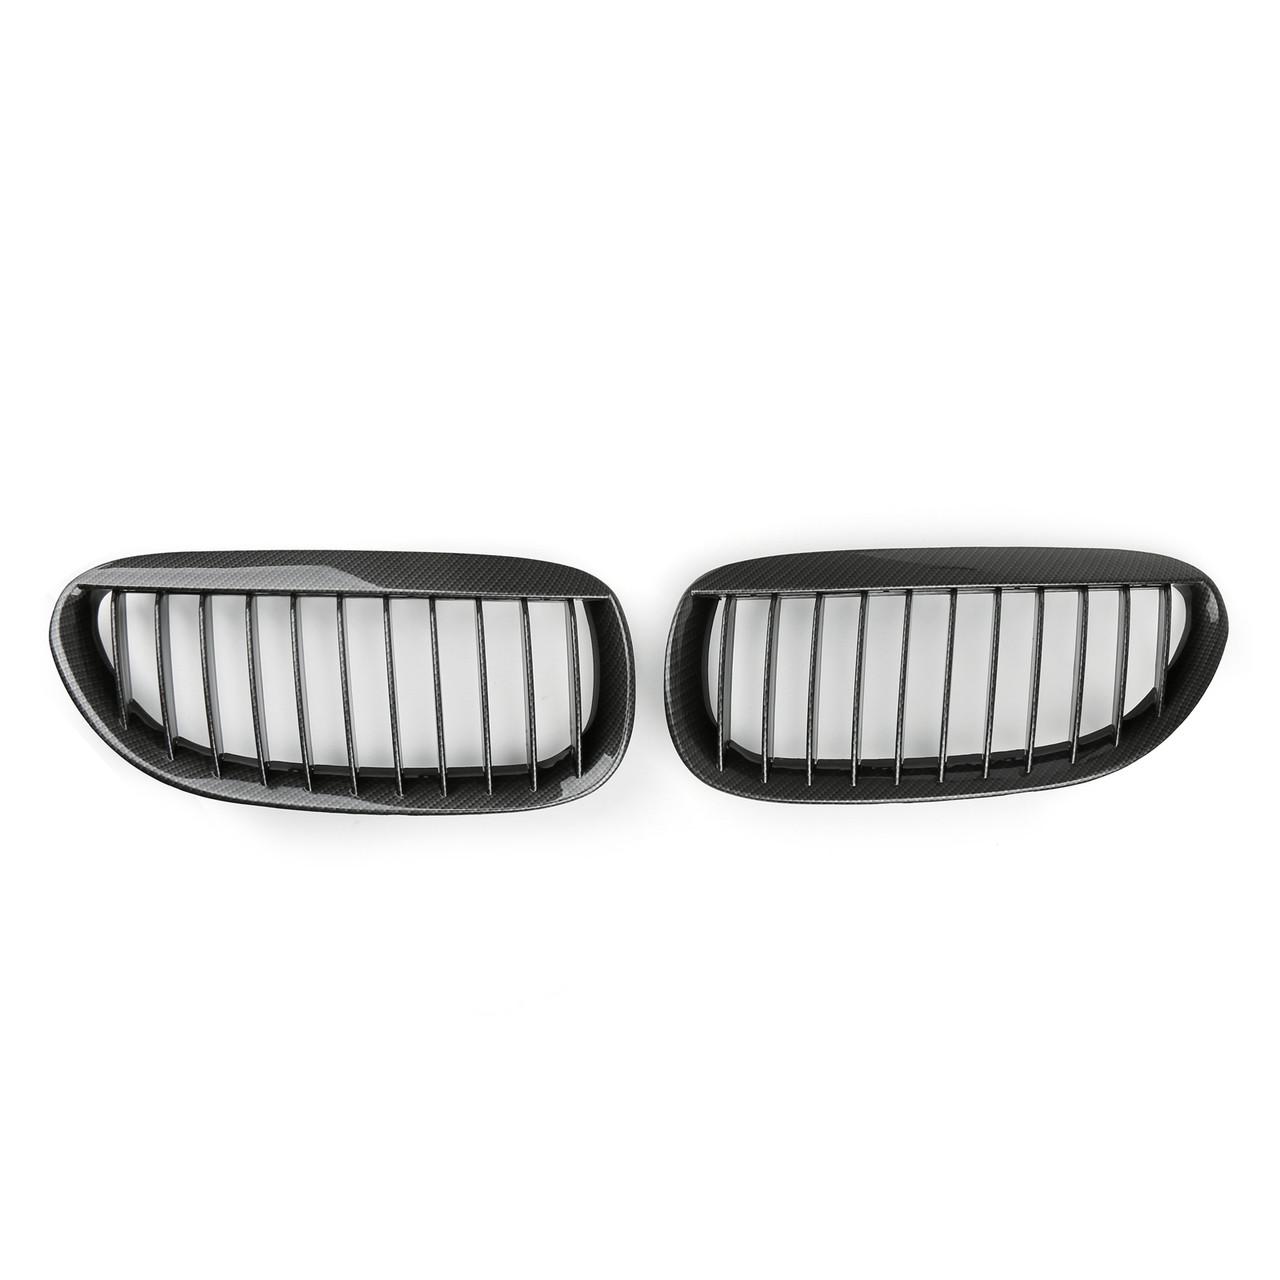 Kidney Grilles BMW E63 E64 M6 (2004-2010), Carbon